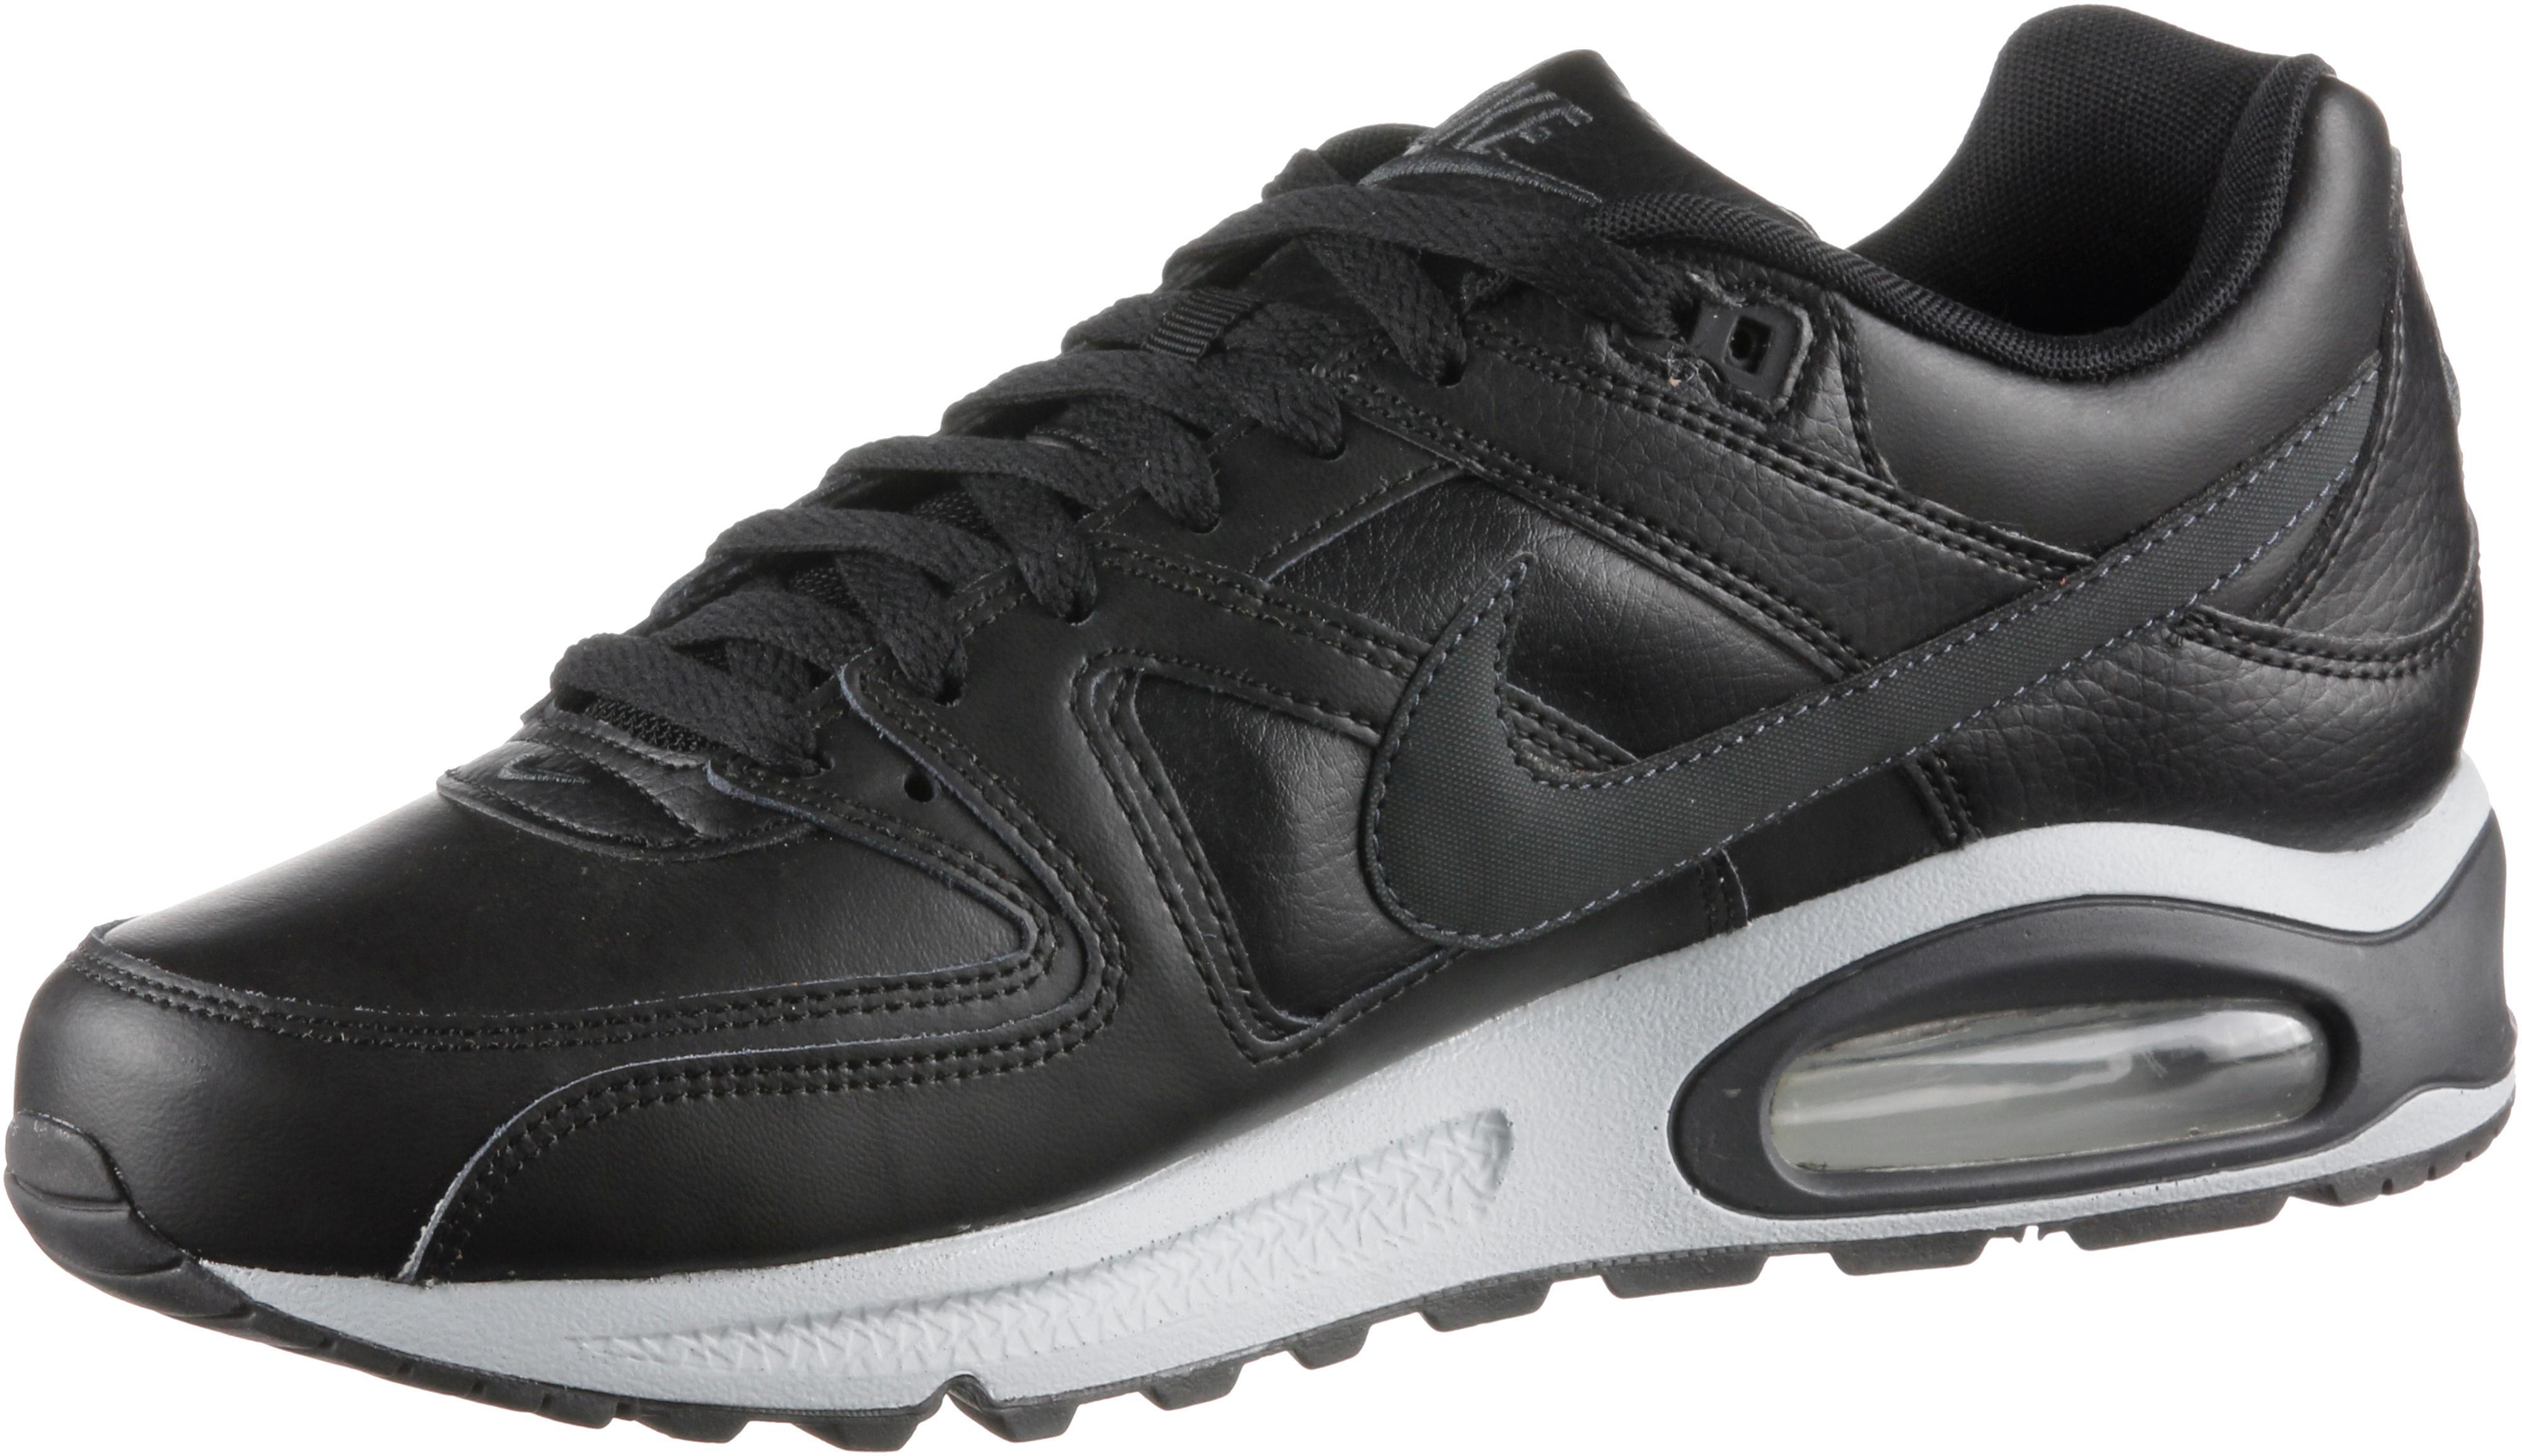 Nike AIR MAX COMMAND LEATHER Sneaker Herren black anthracite im Online Shop von SportScheck kaufen